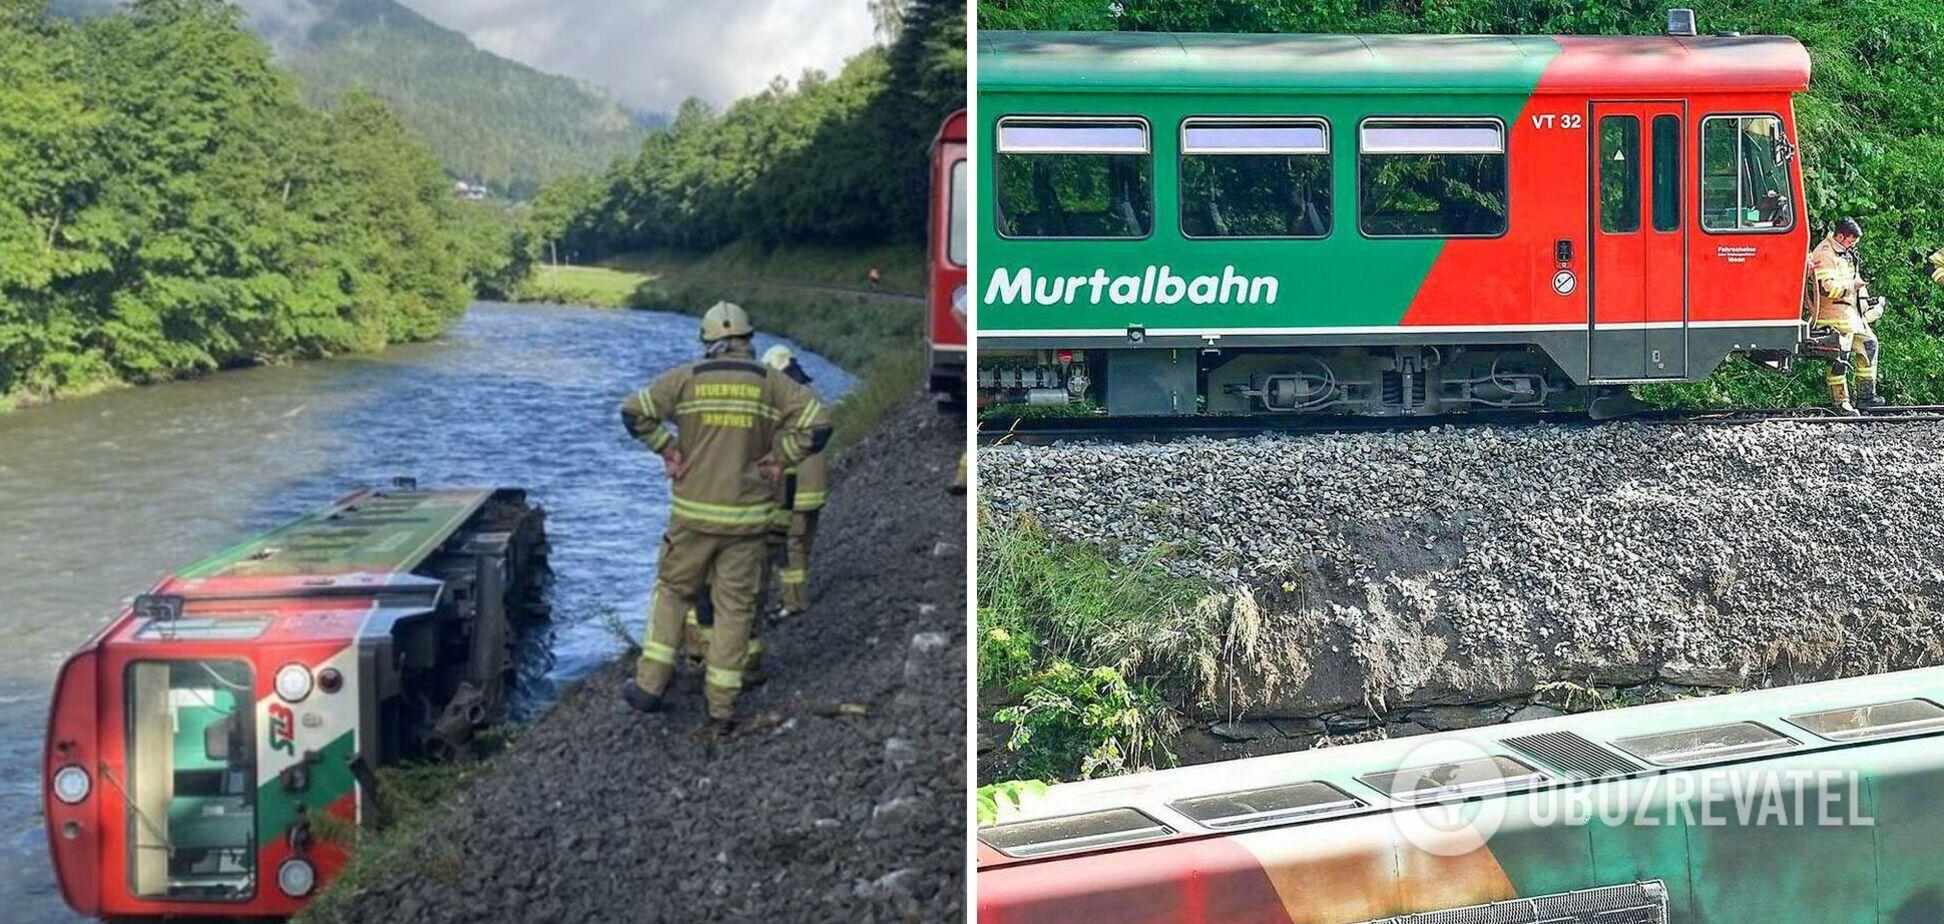 В Австрии электричка сошла с рельсов, вагон с детьми упал в реку. Фото и видео